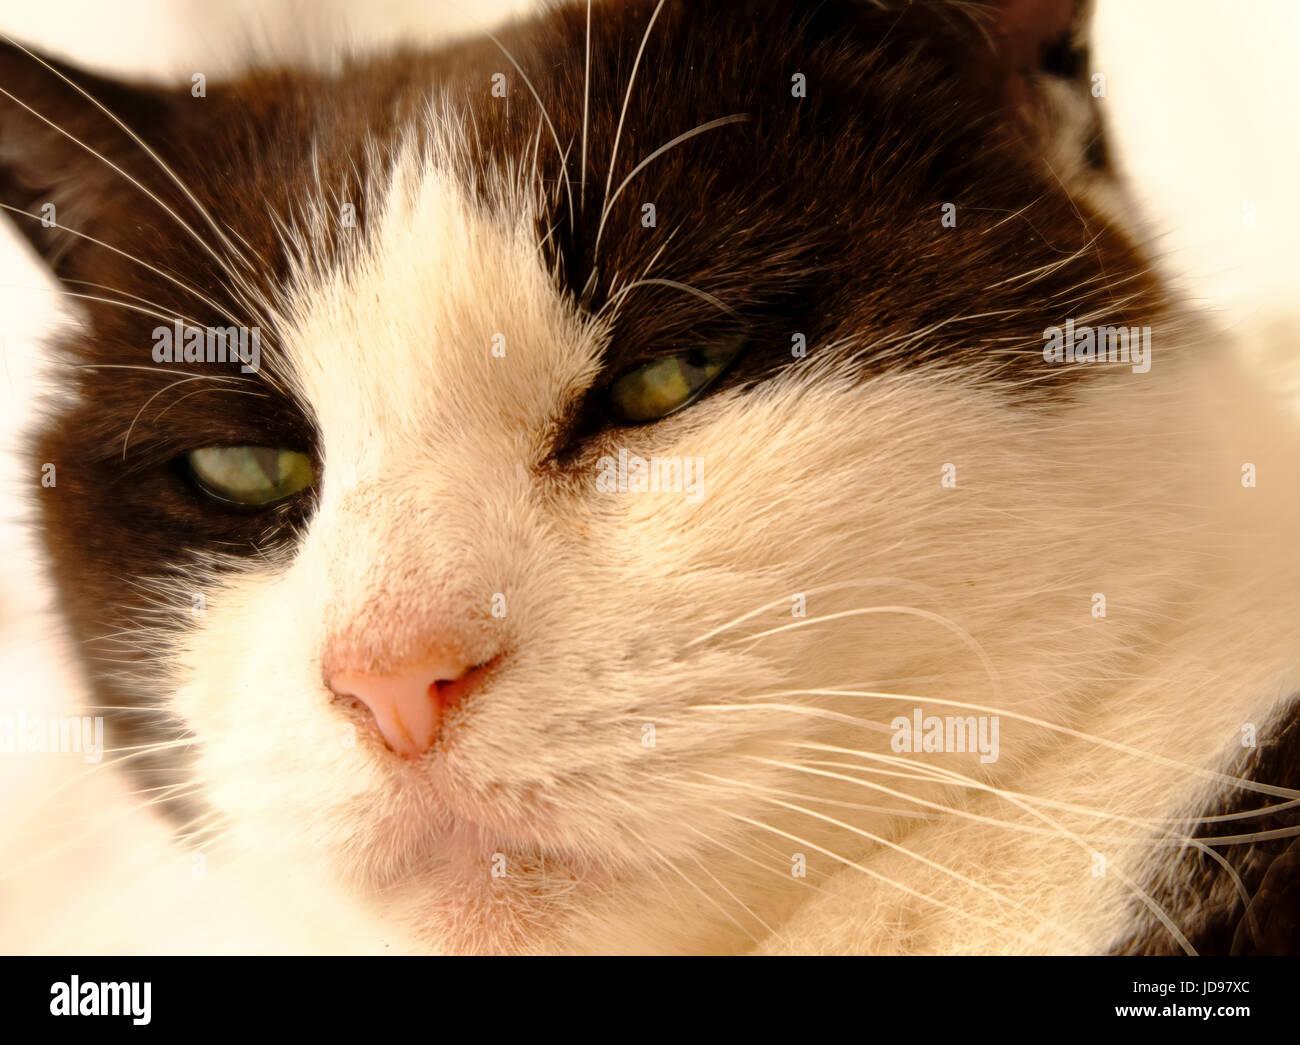 Dirt, il gatto perennemente sporco che vive nel museo delle ferrovie del Nevada.